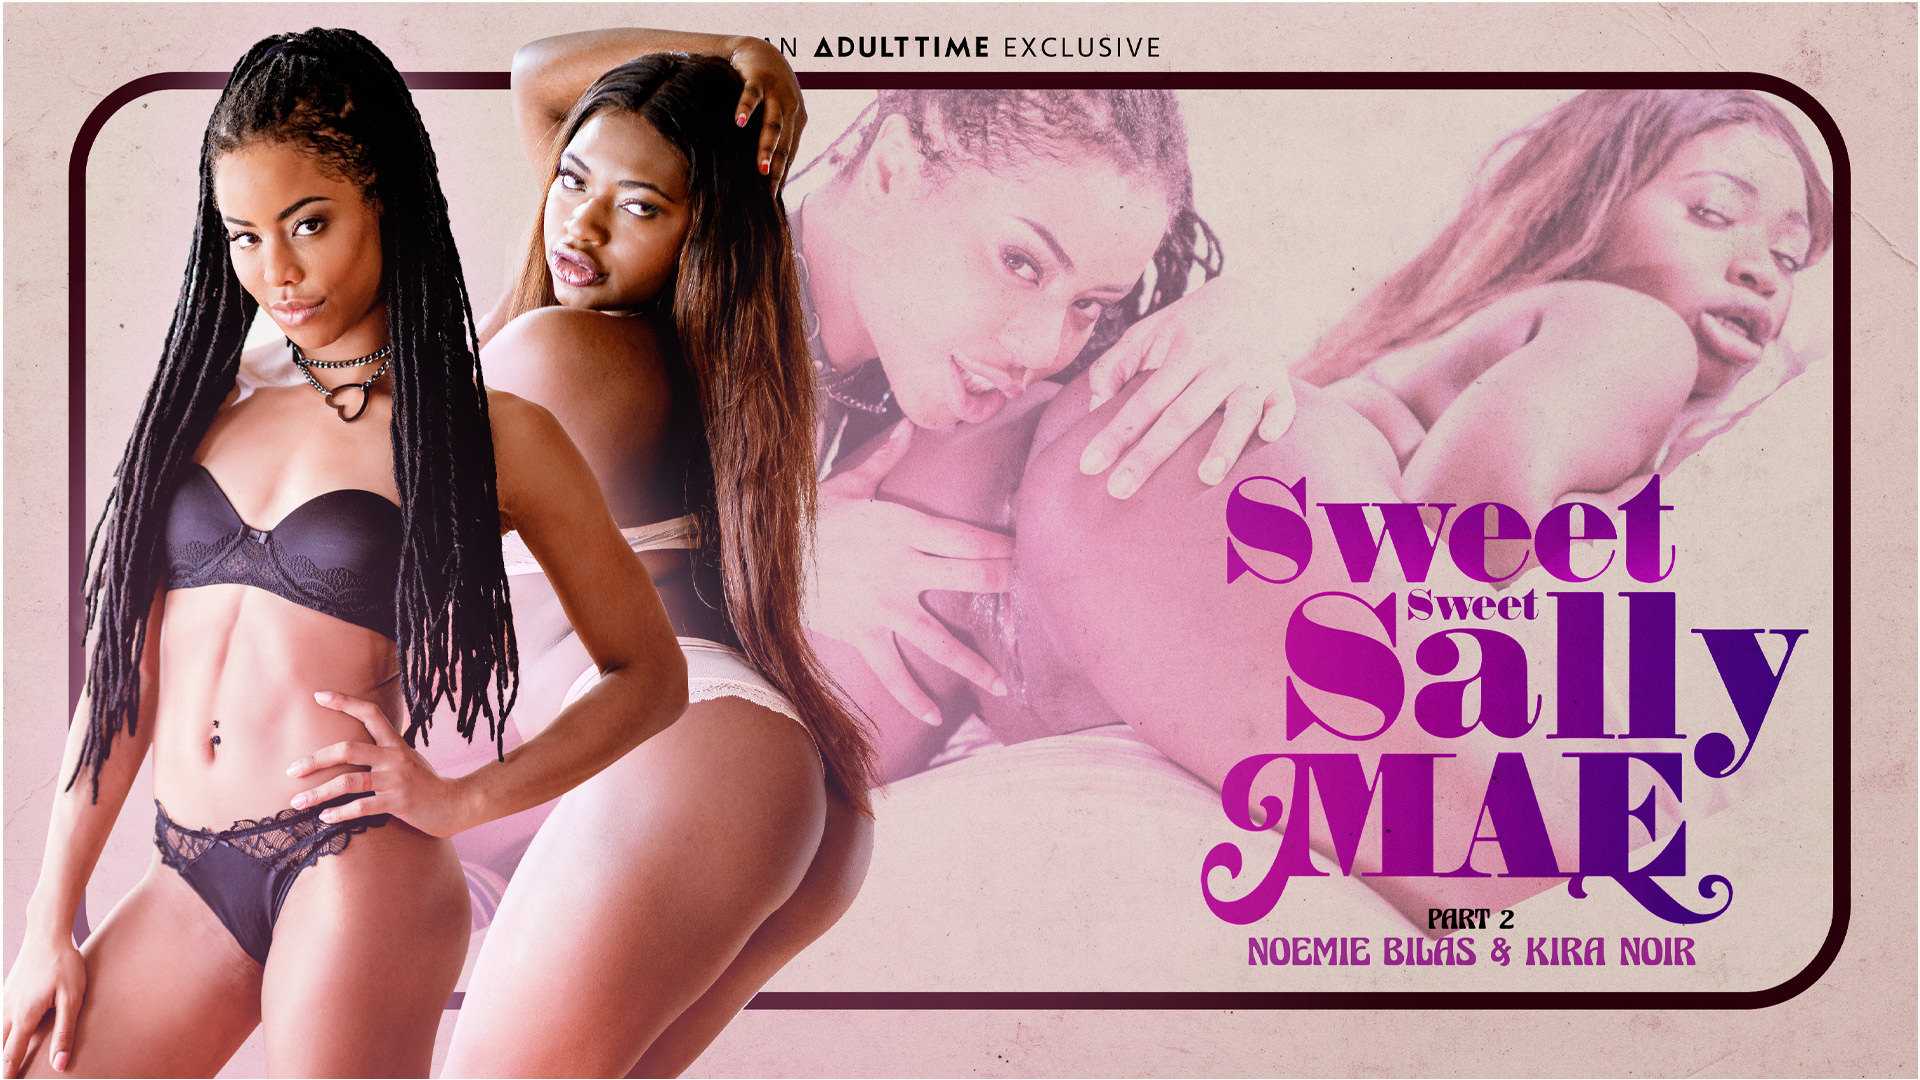 Sweet Sweet Sally Mae - Part 2 - Kira Noir & Noemie Bilas 1